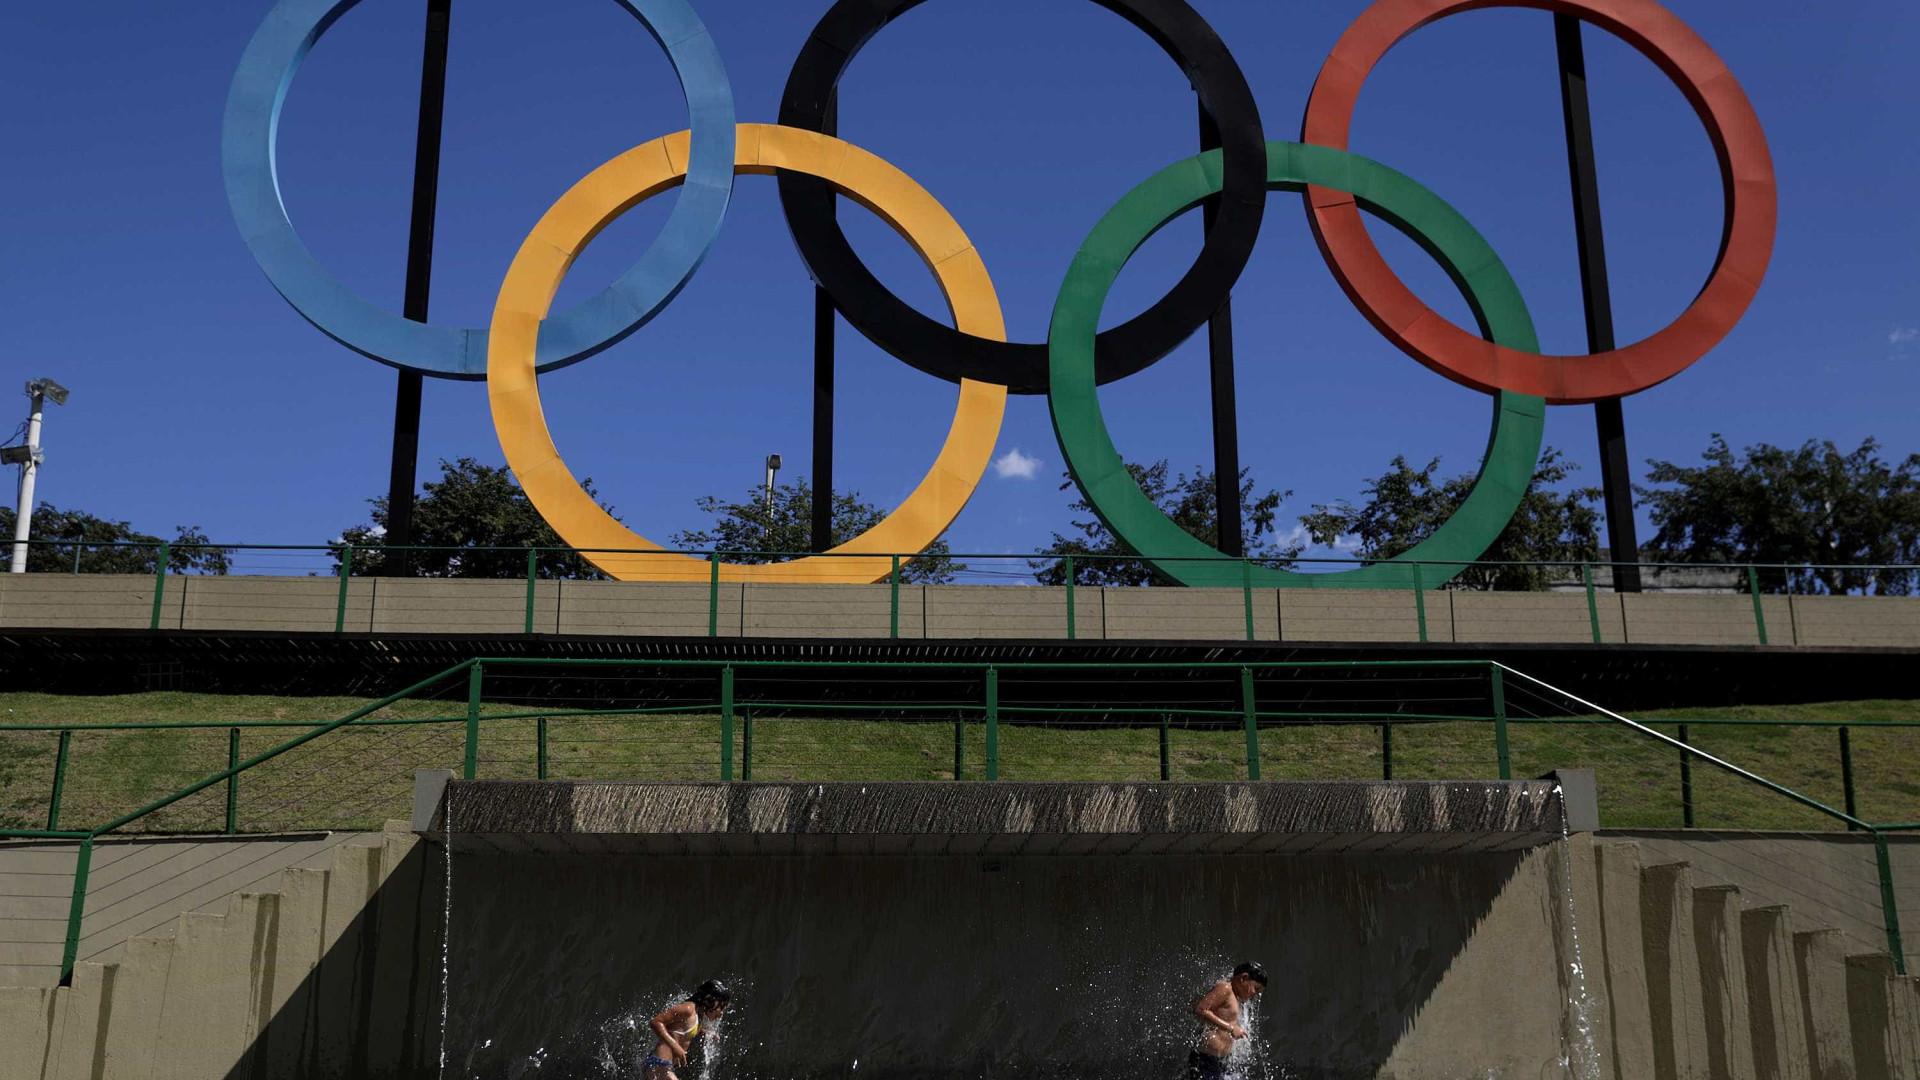 Propriedade do COI, símbolos olímpicos poderão ser usados por atletas